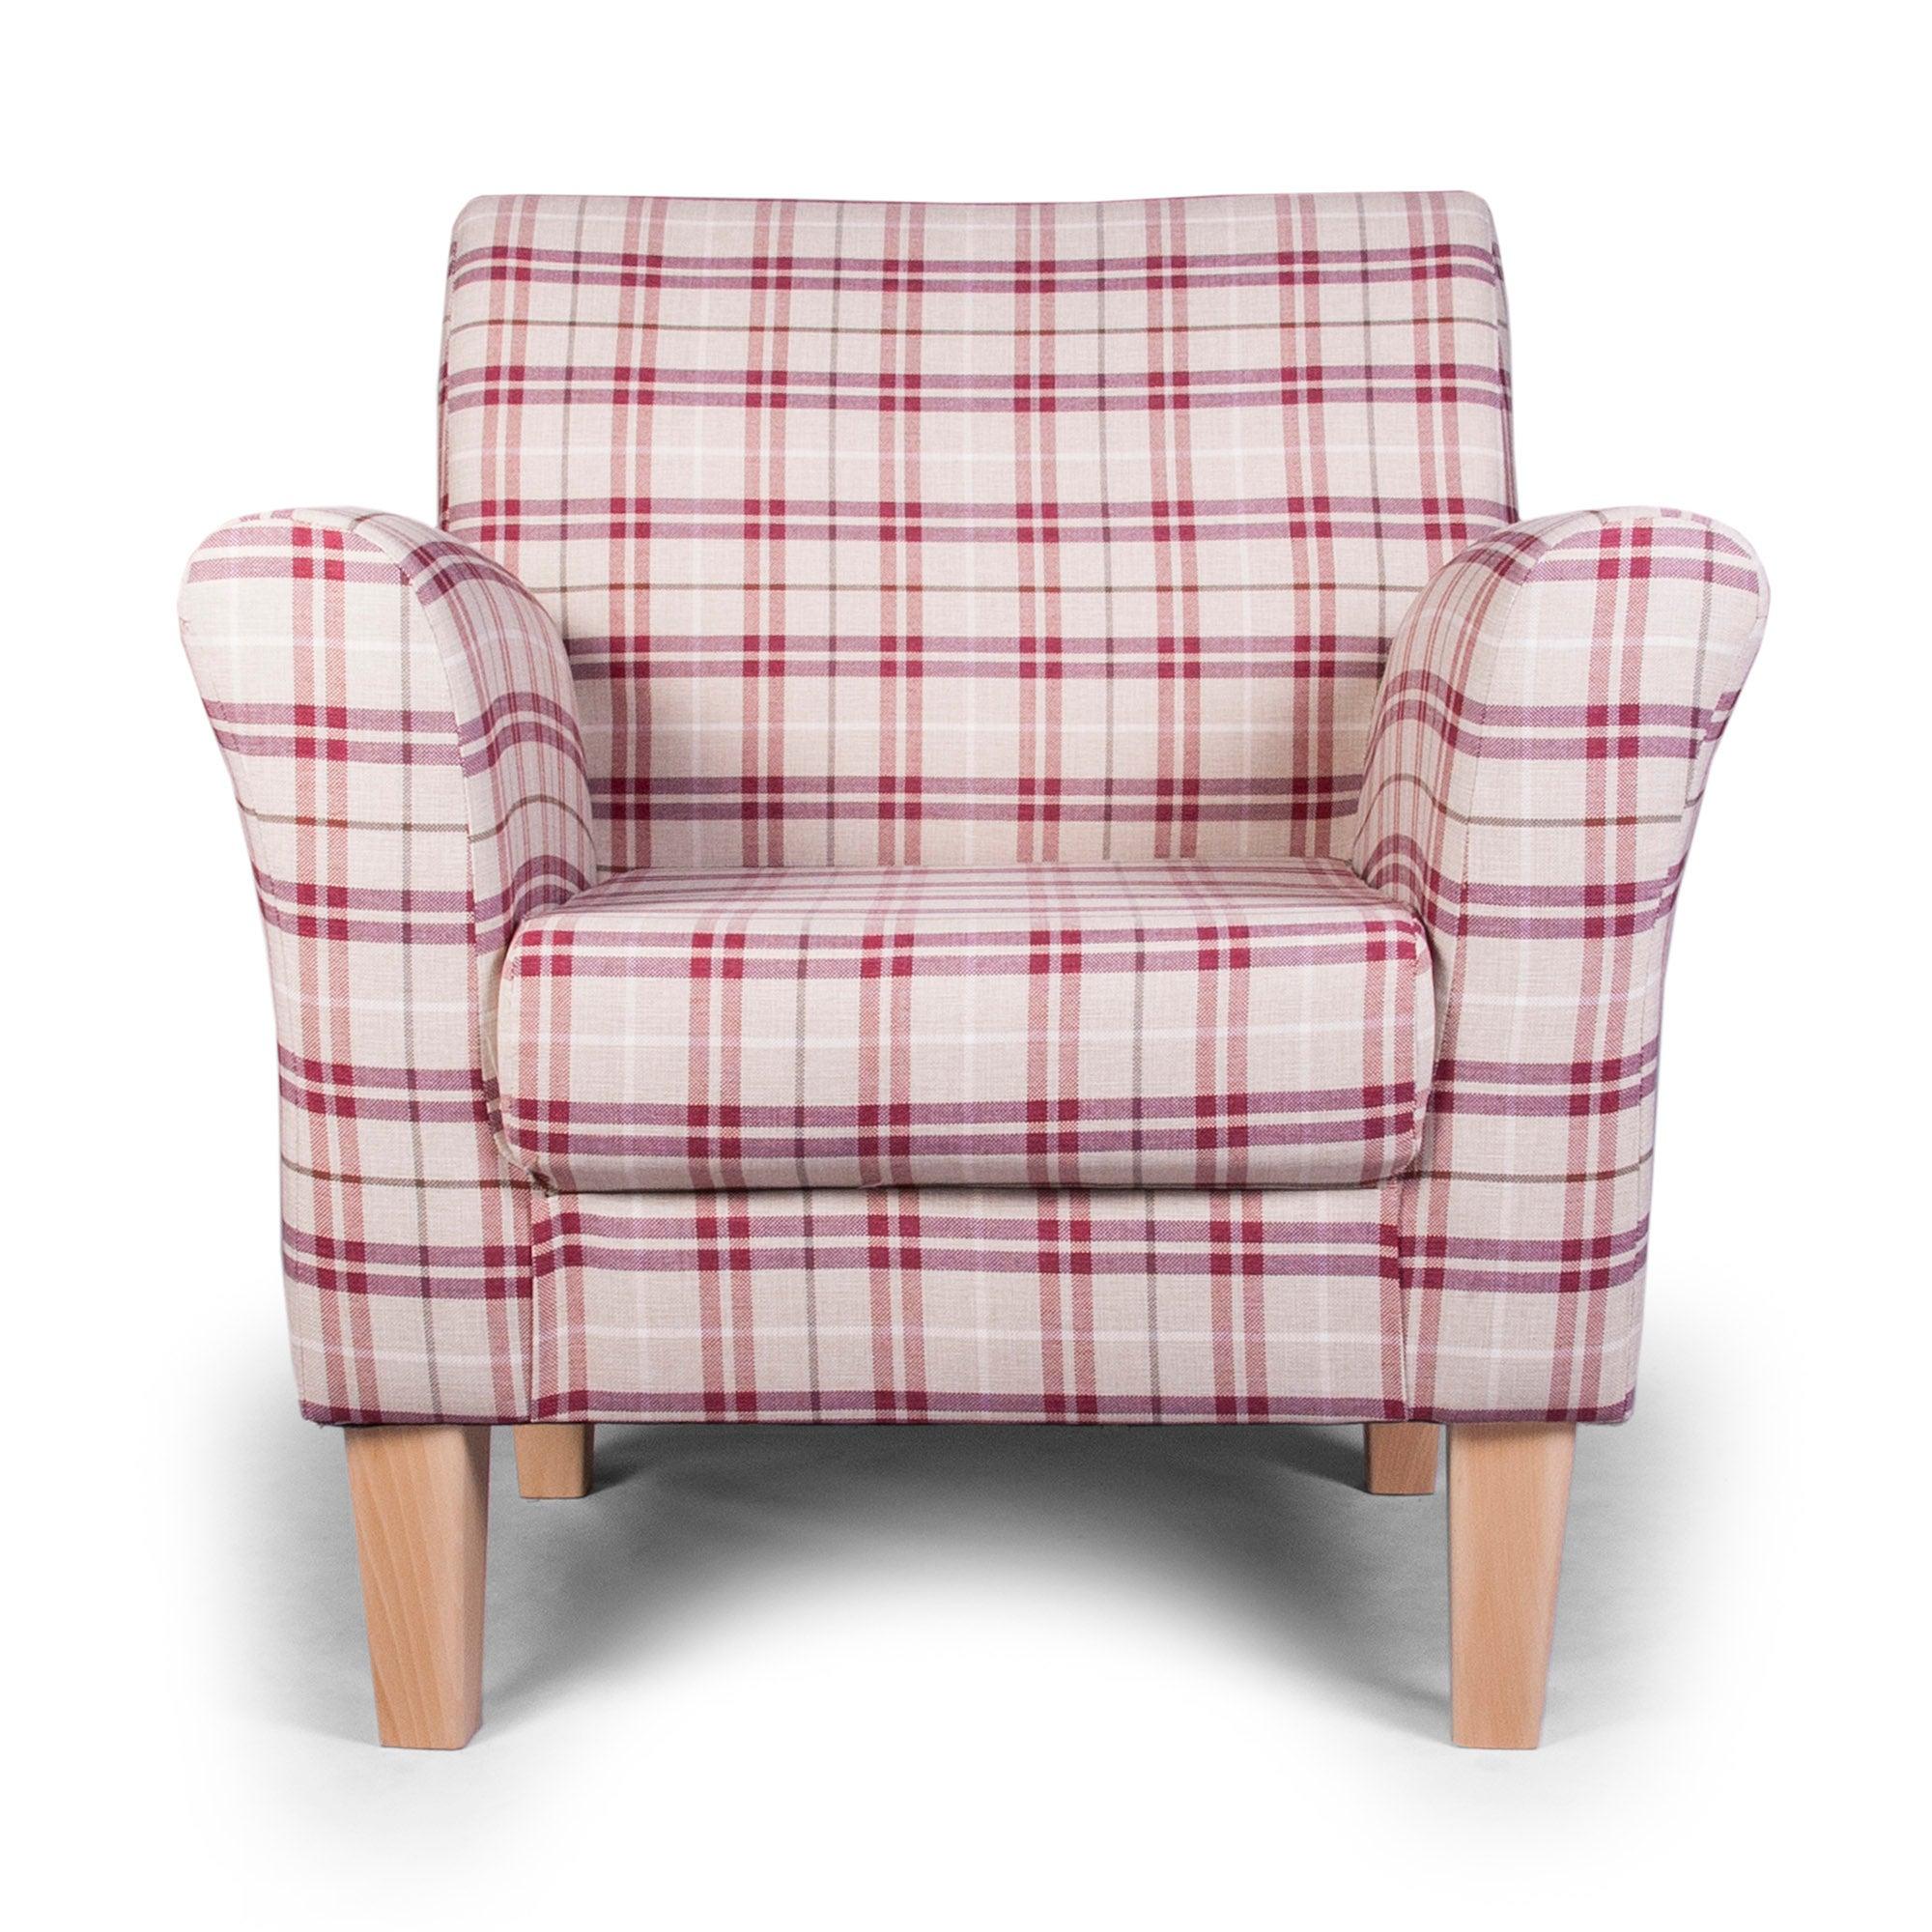 Adele Check Eden Upholstered Chair